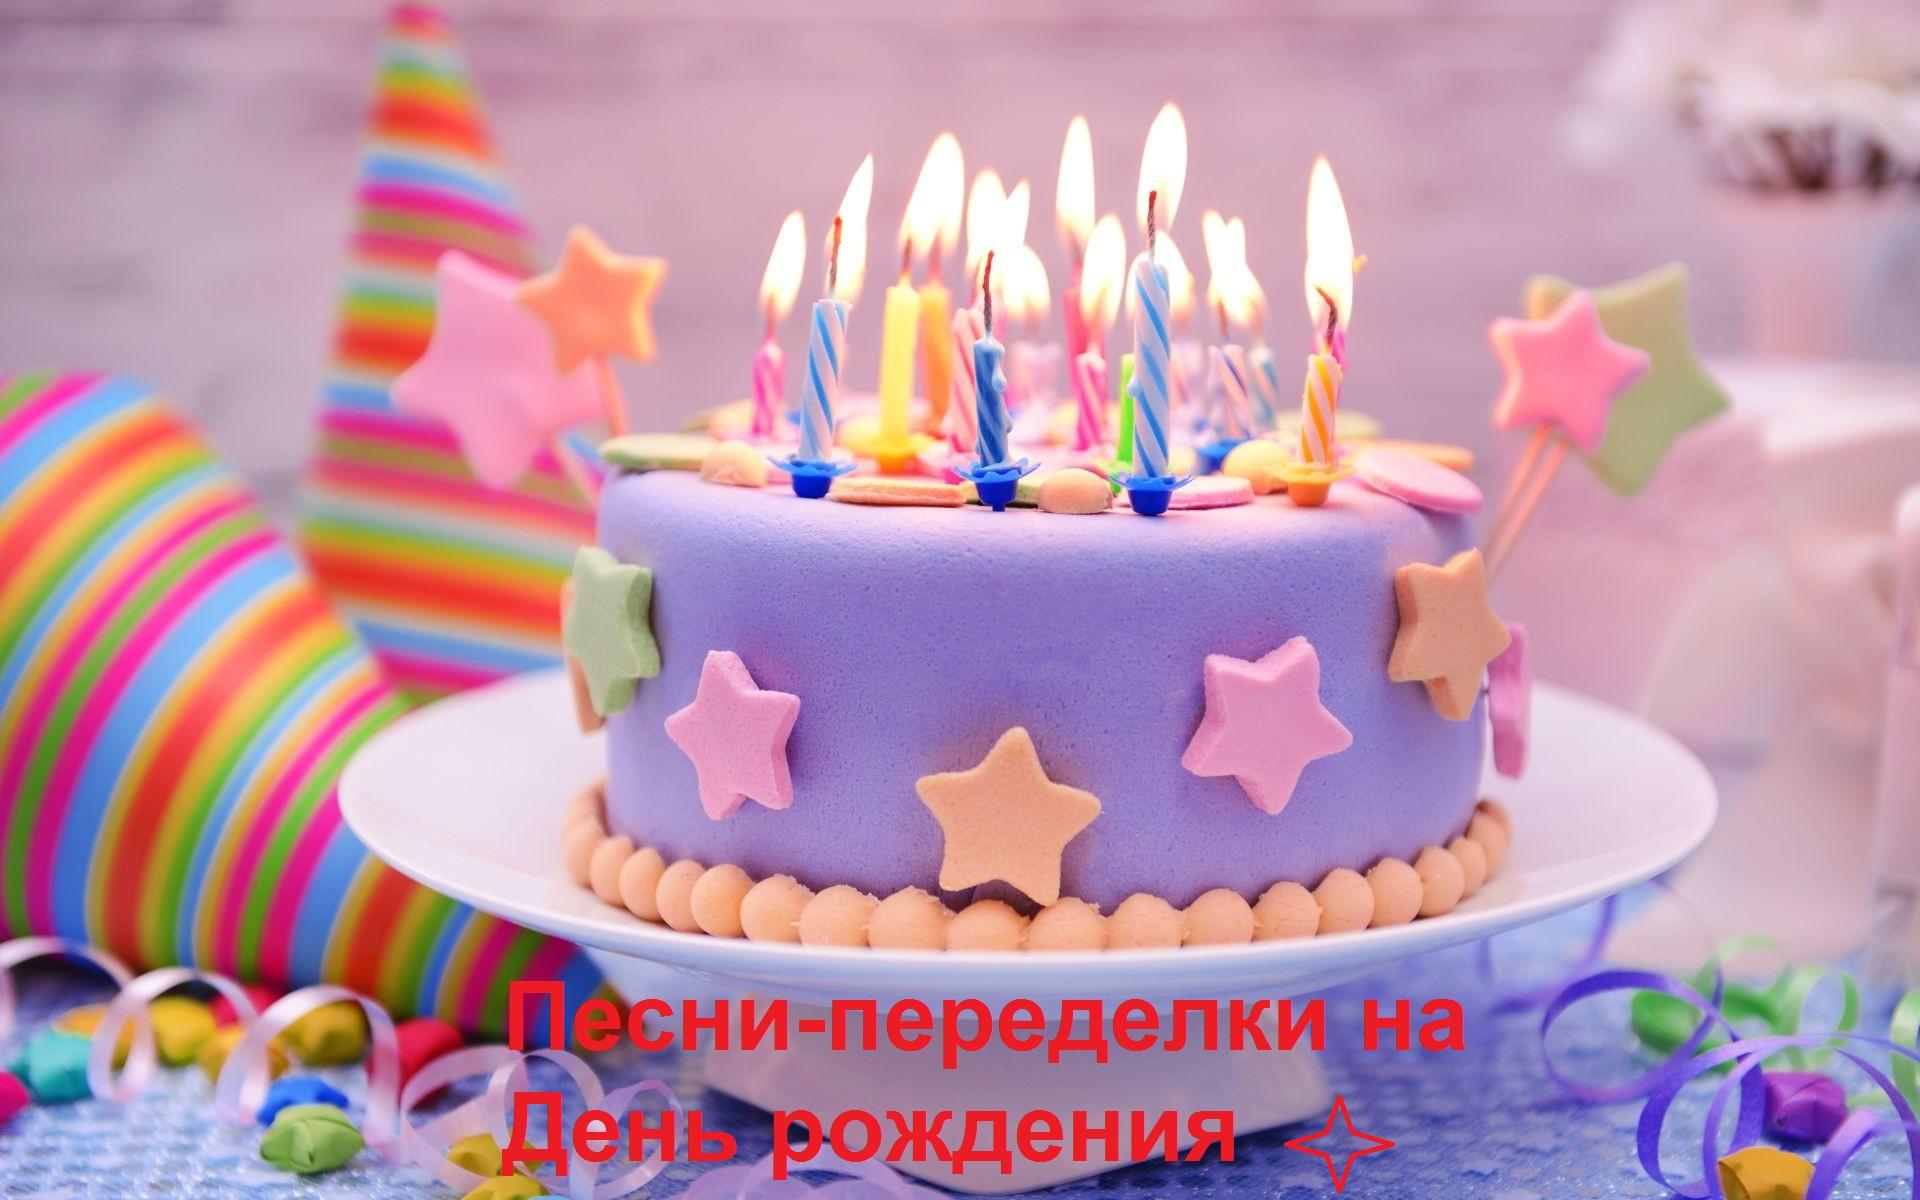 Поздравление с днем рождения переделки песни